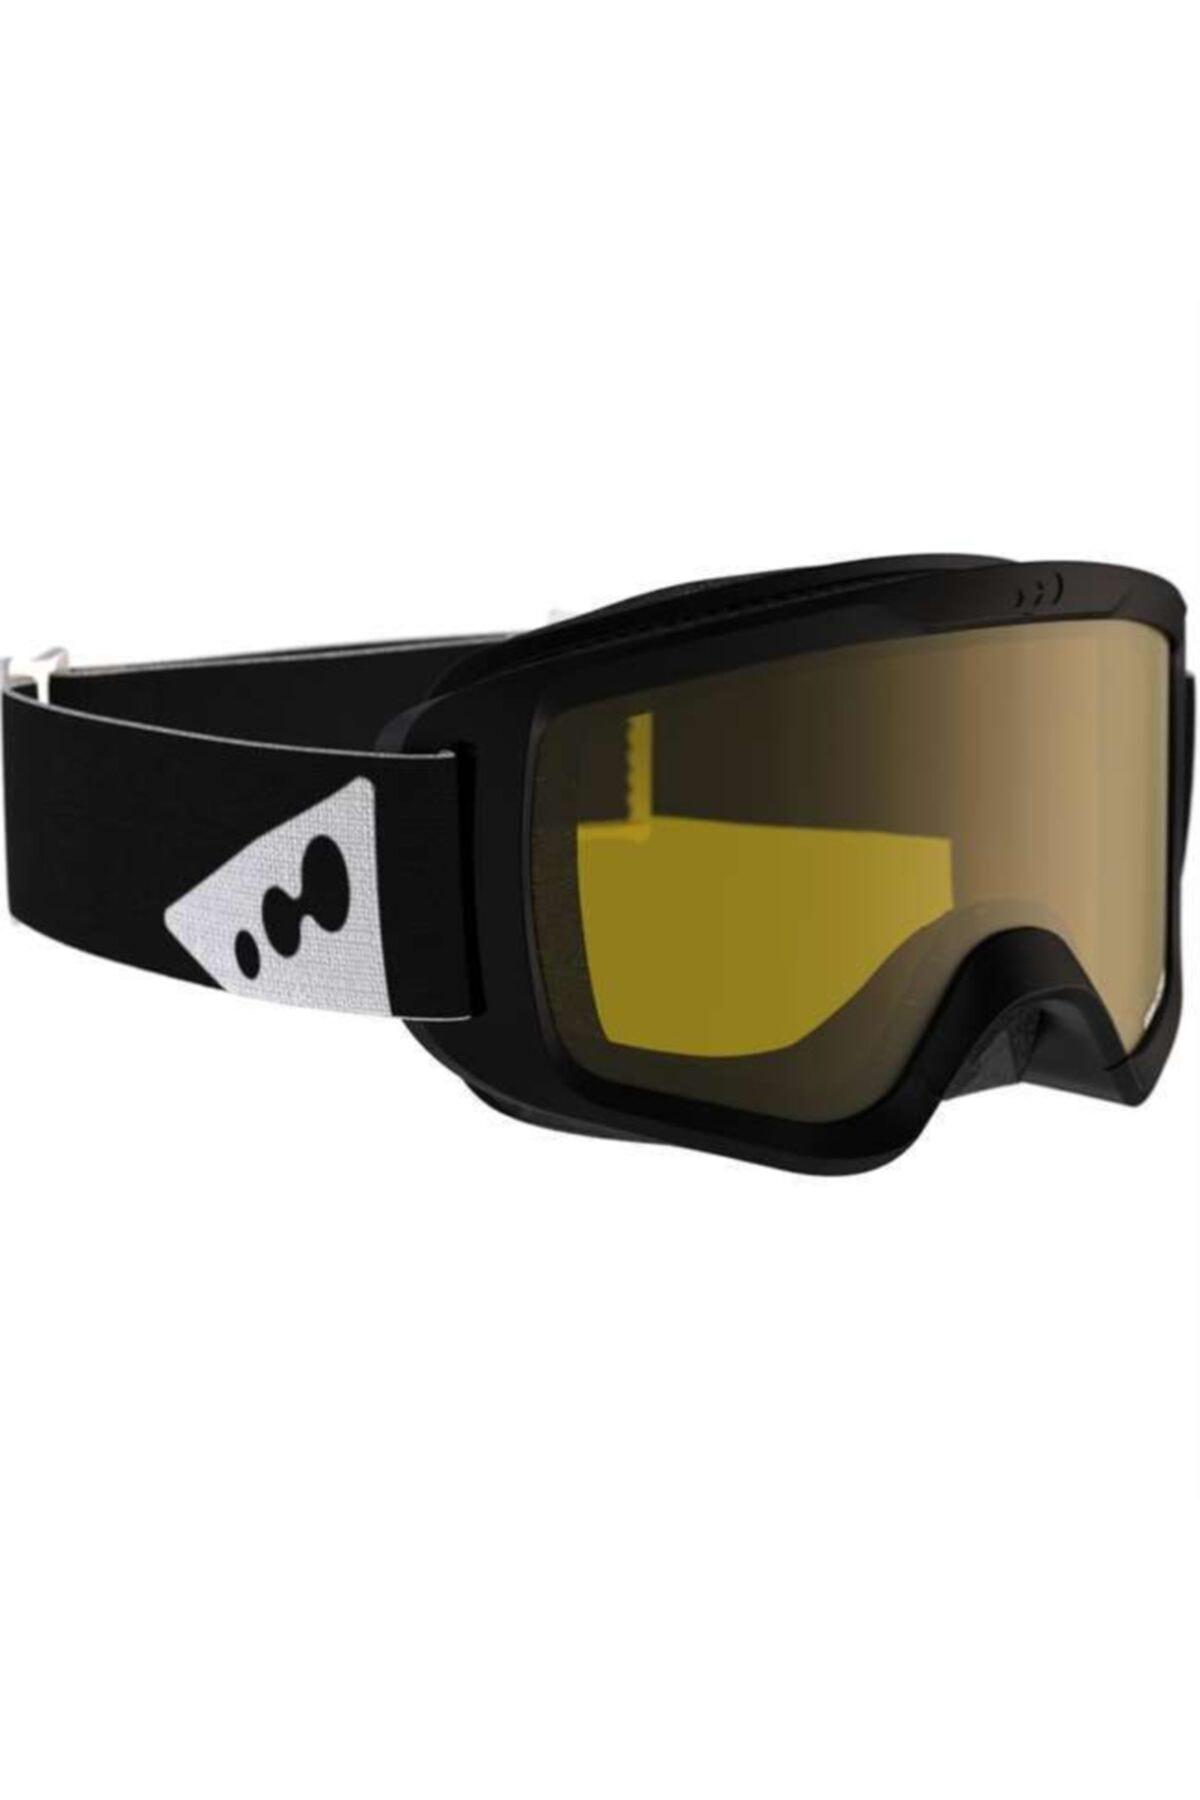 DOGASTR Kayak / Snowboard Gözlüğü - Yetişkin - Siyah - Wedze - Small Sıze 1